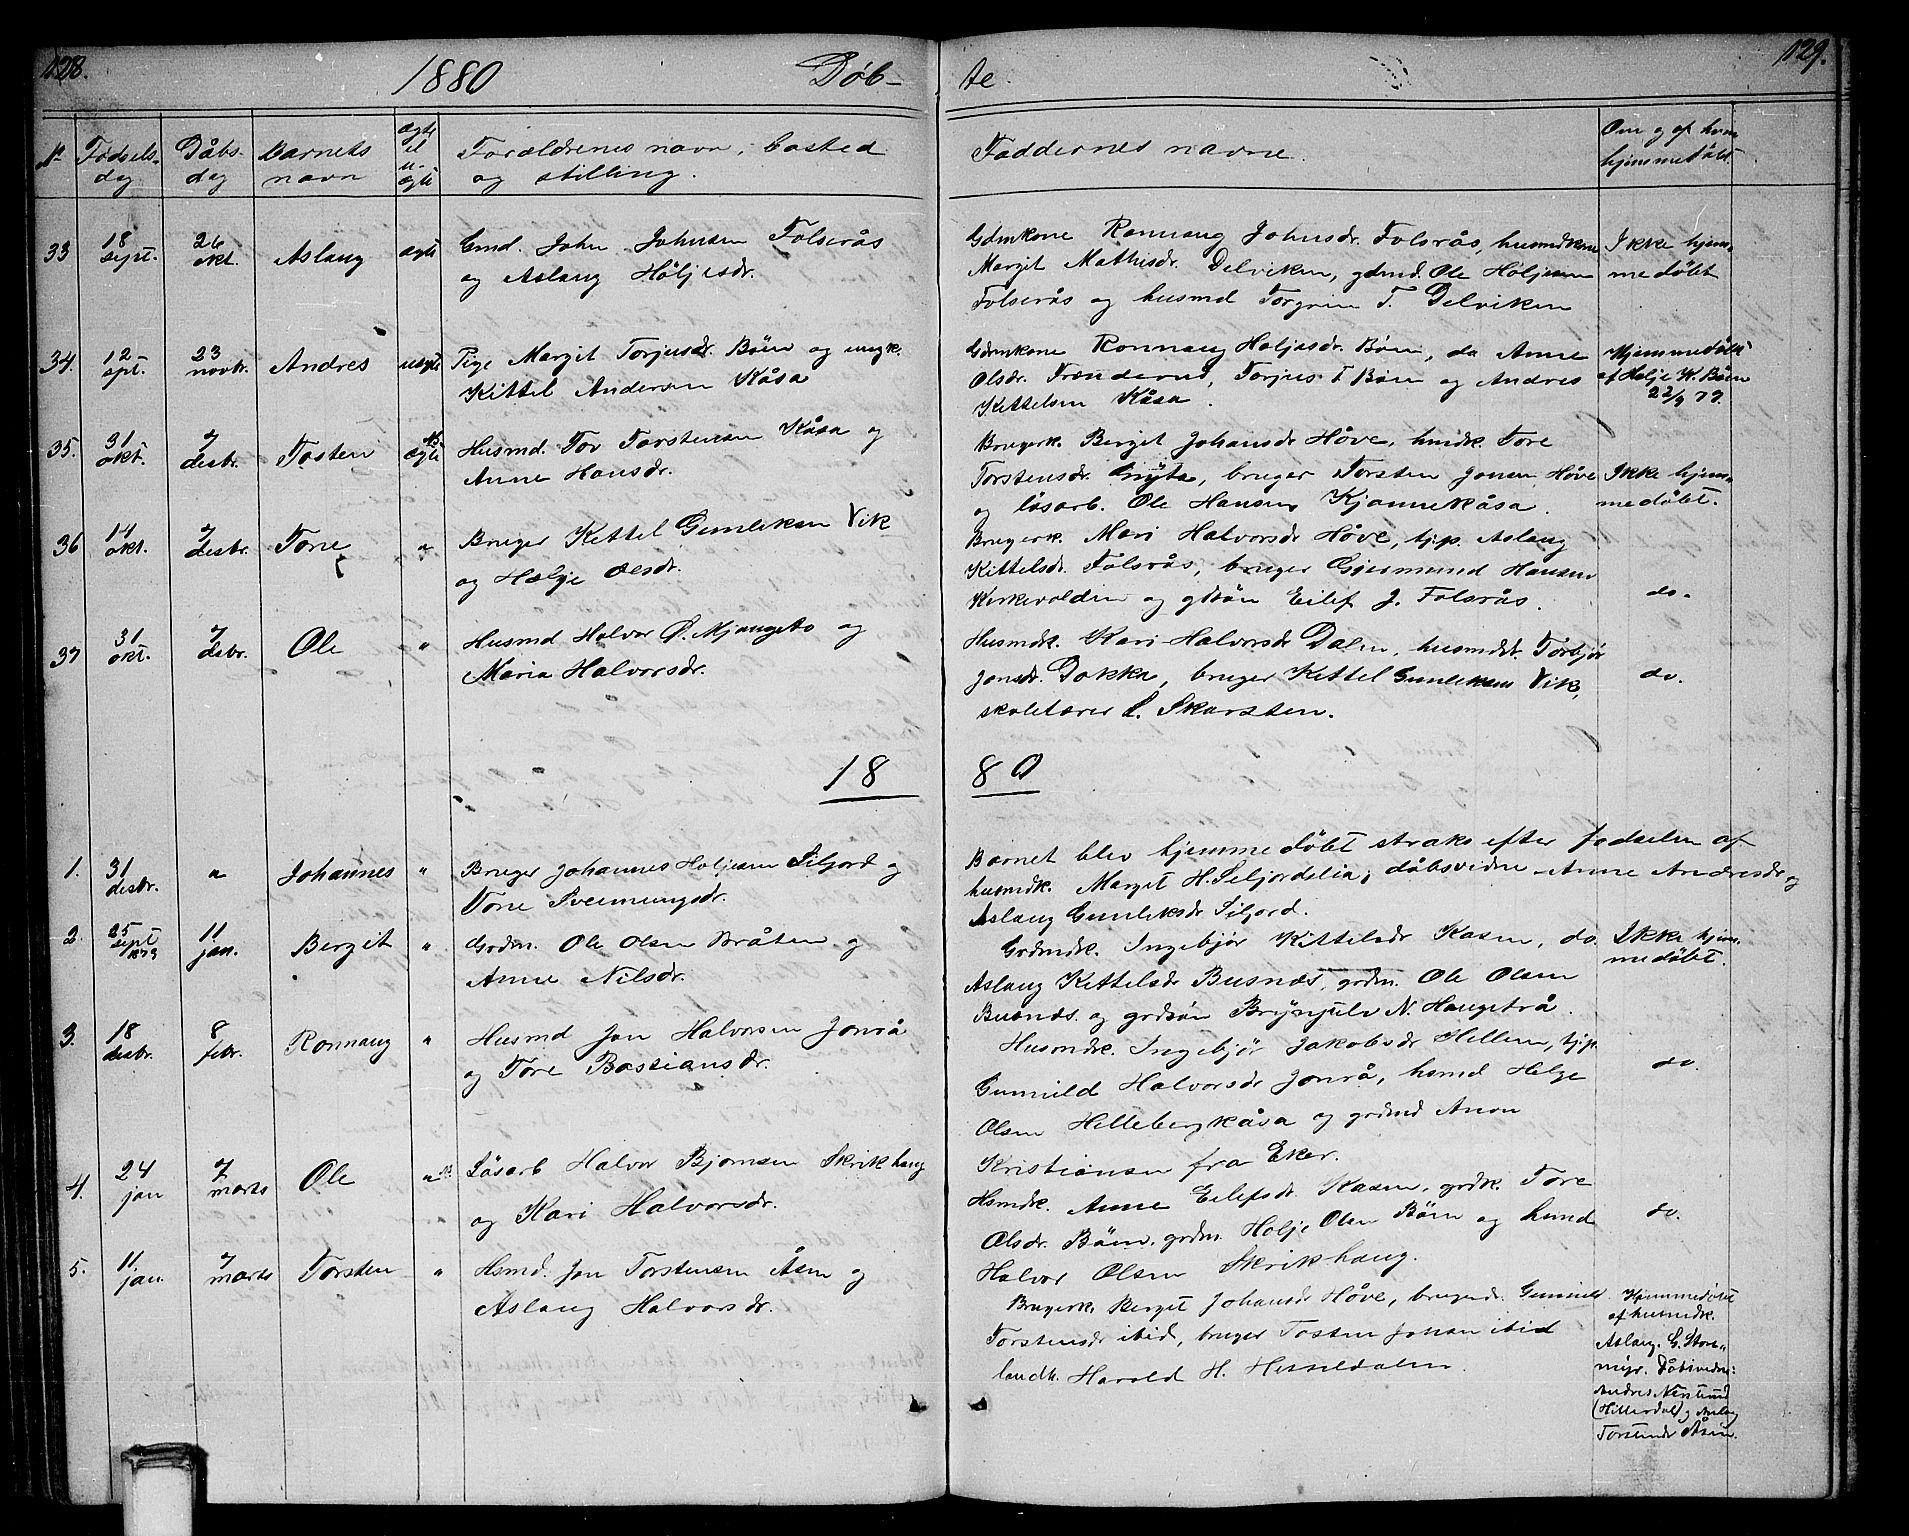 SAKO, Gransherad kirkebøker, G/Ga/L0002: Klokkerbok nr. I 2, 1854-1886, s. 128-129